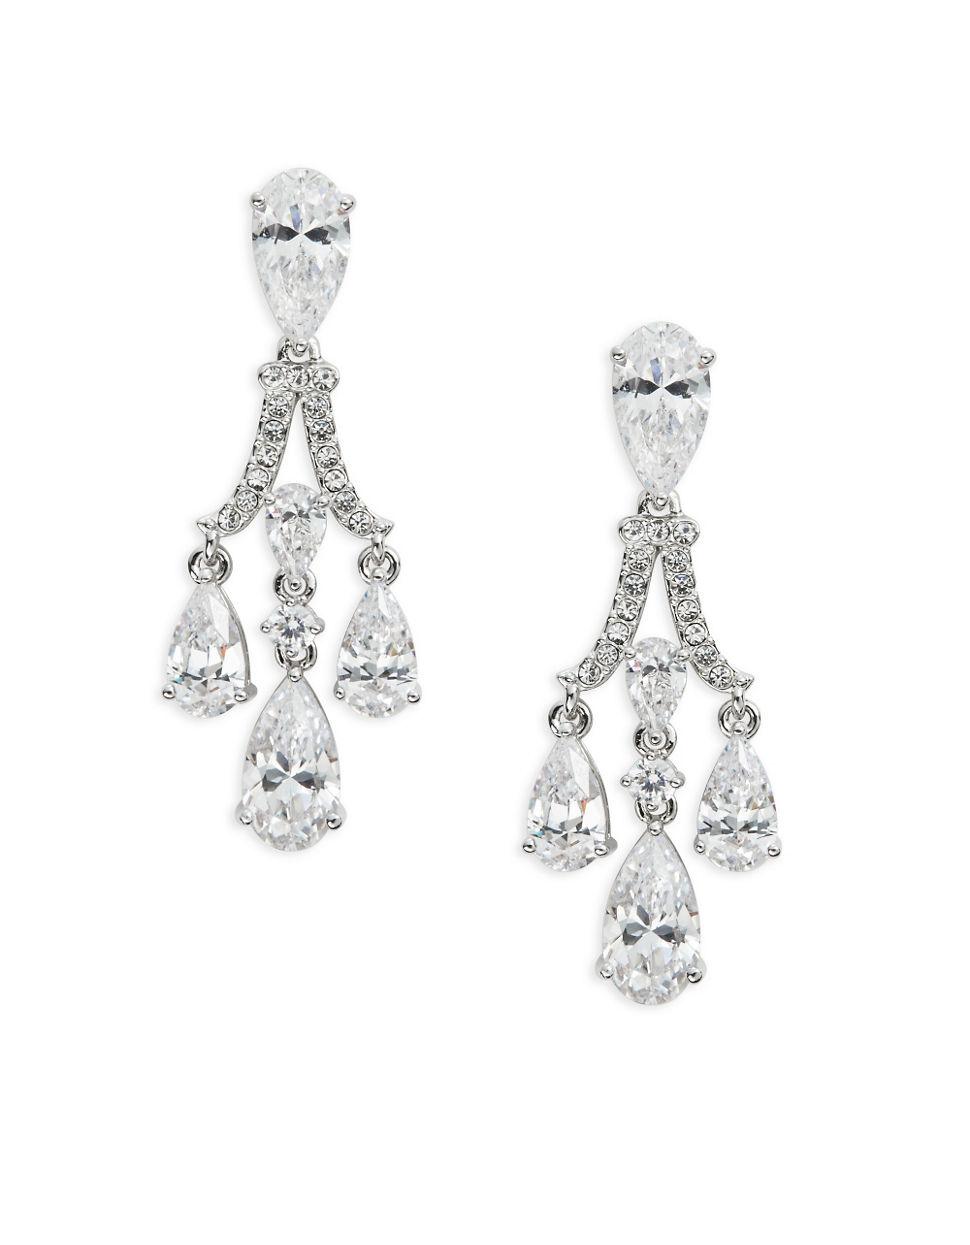 Small Chandelier Earrings TopEarrings – Tiffany Chandelier Earrings